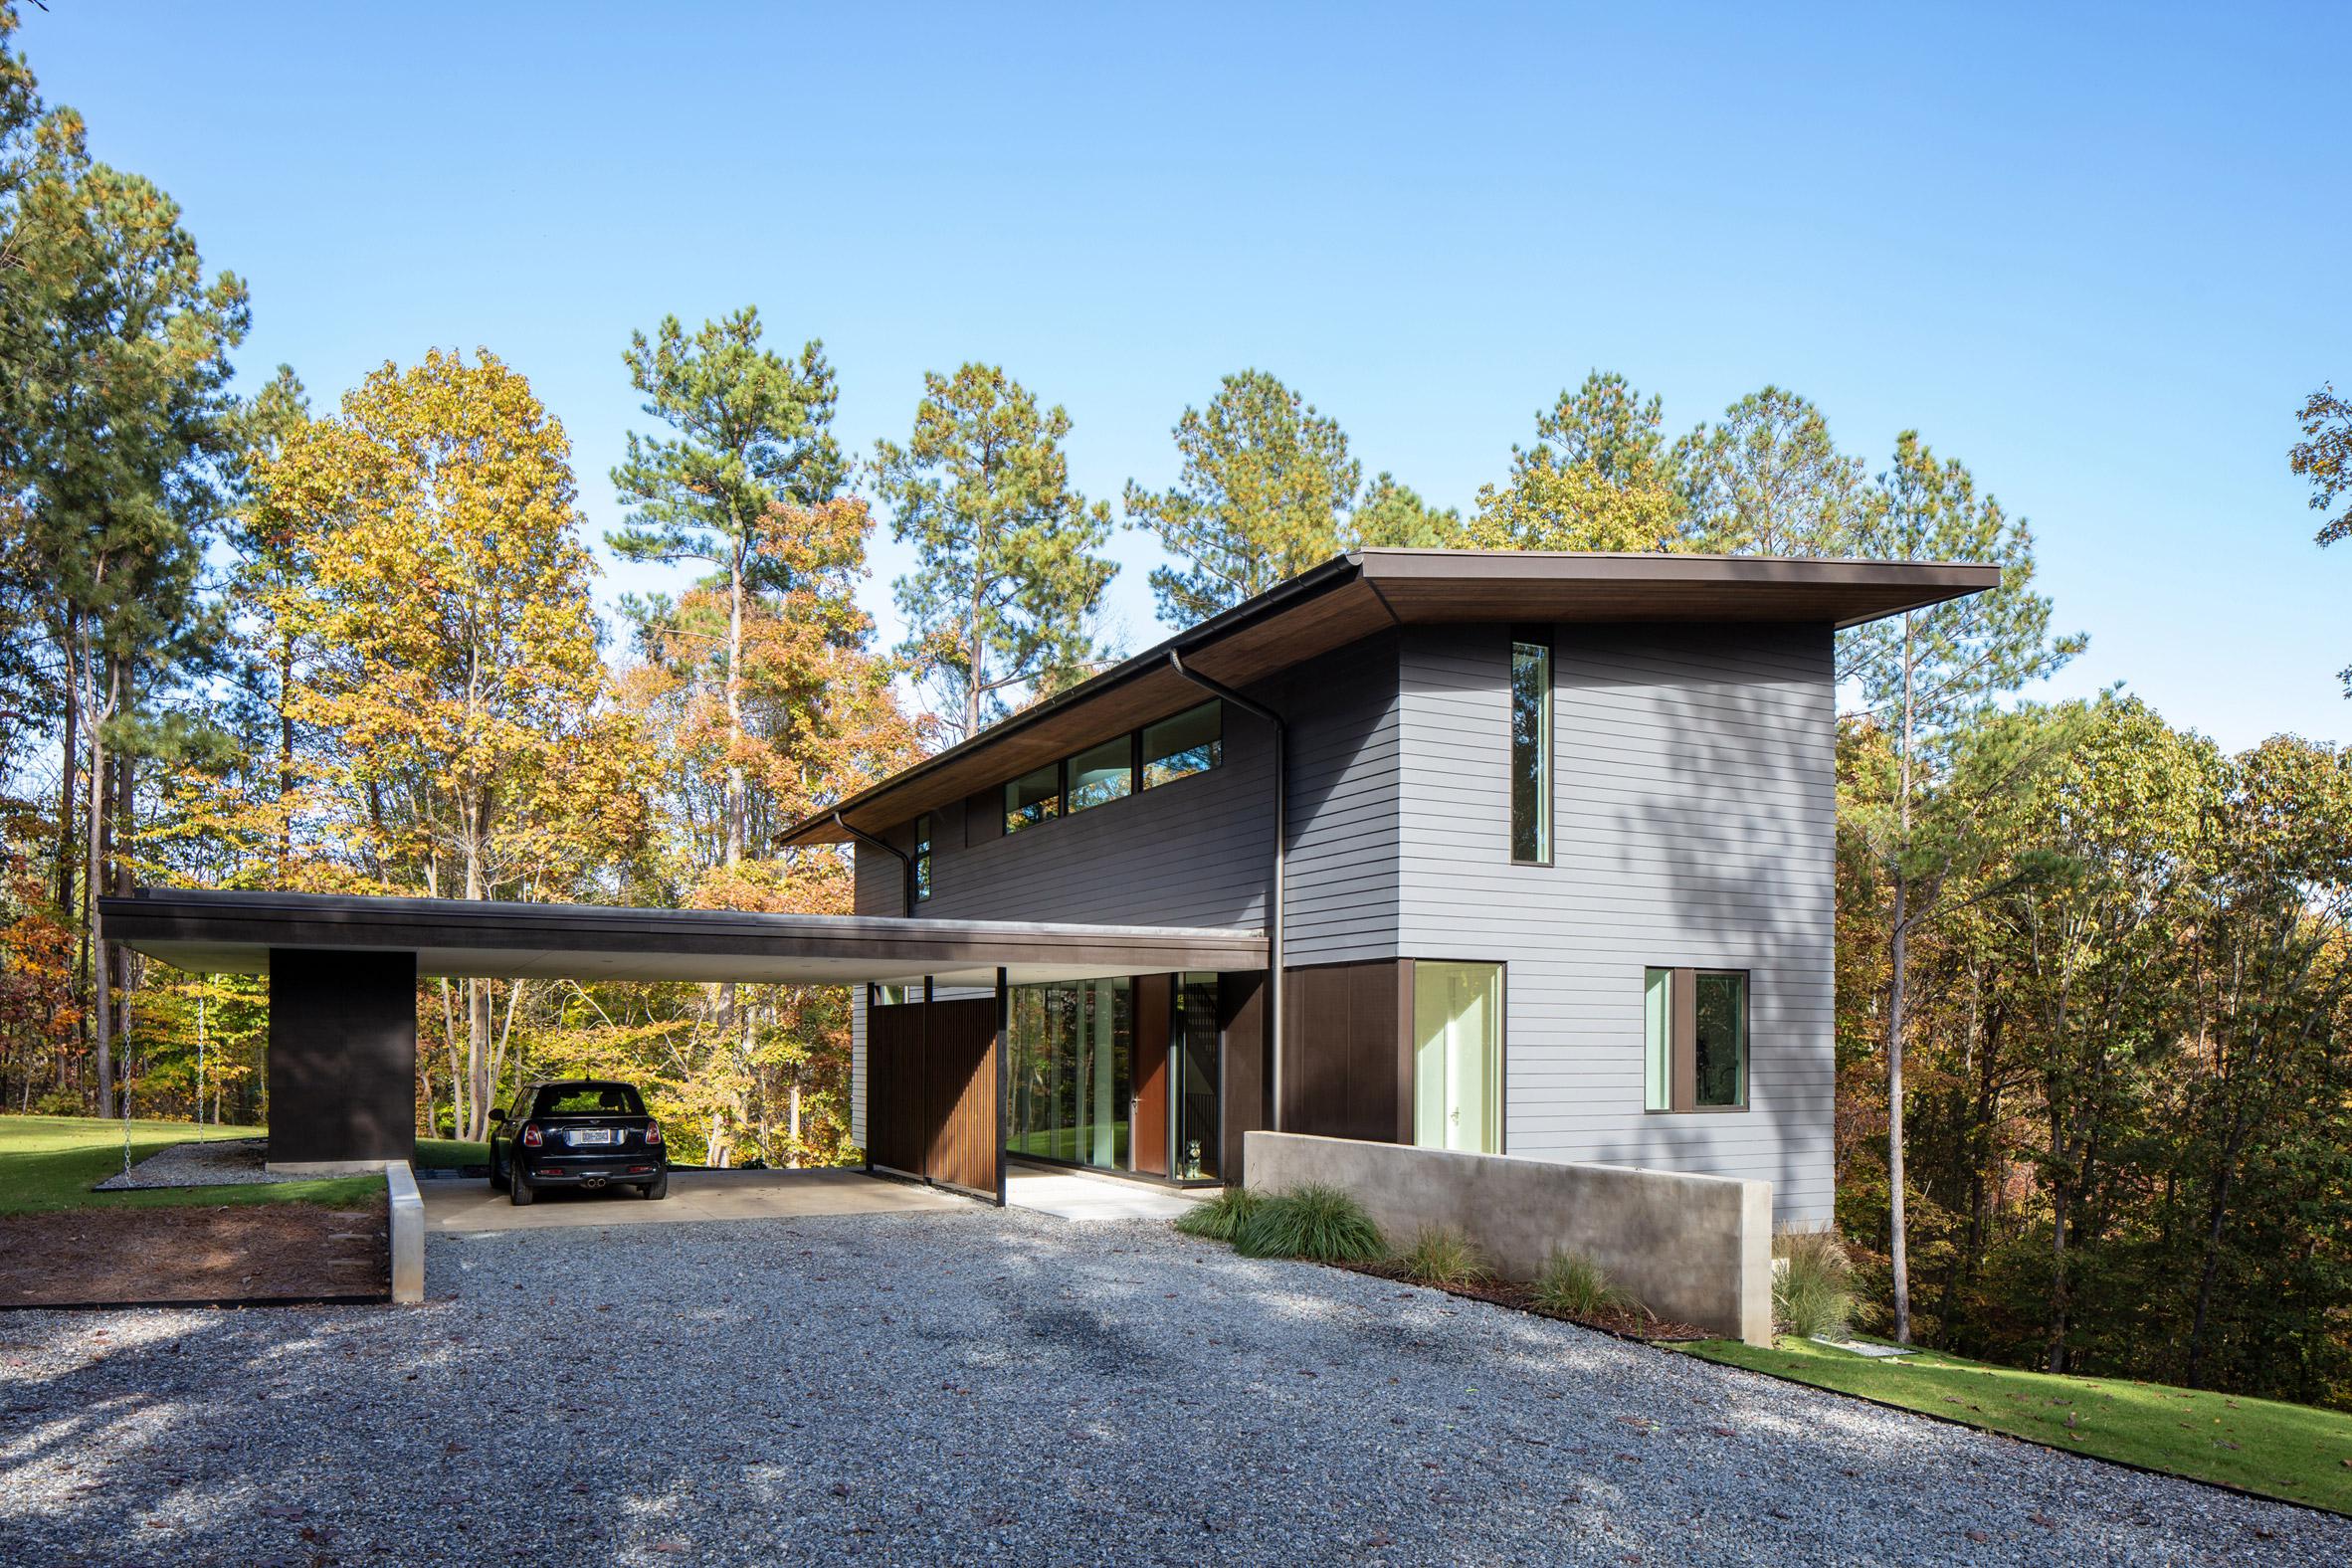 Merkel Cooper lakehouse residence by In Situ Studio